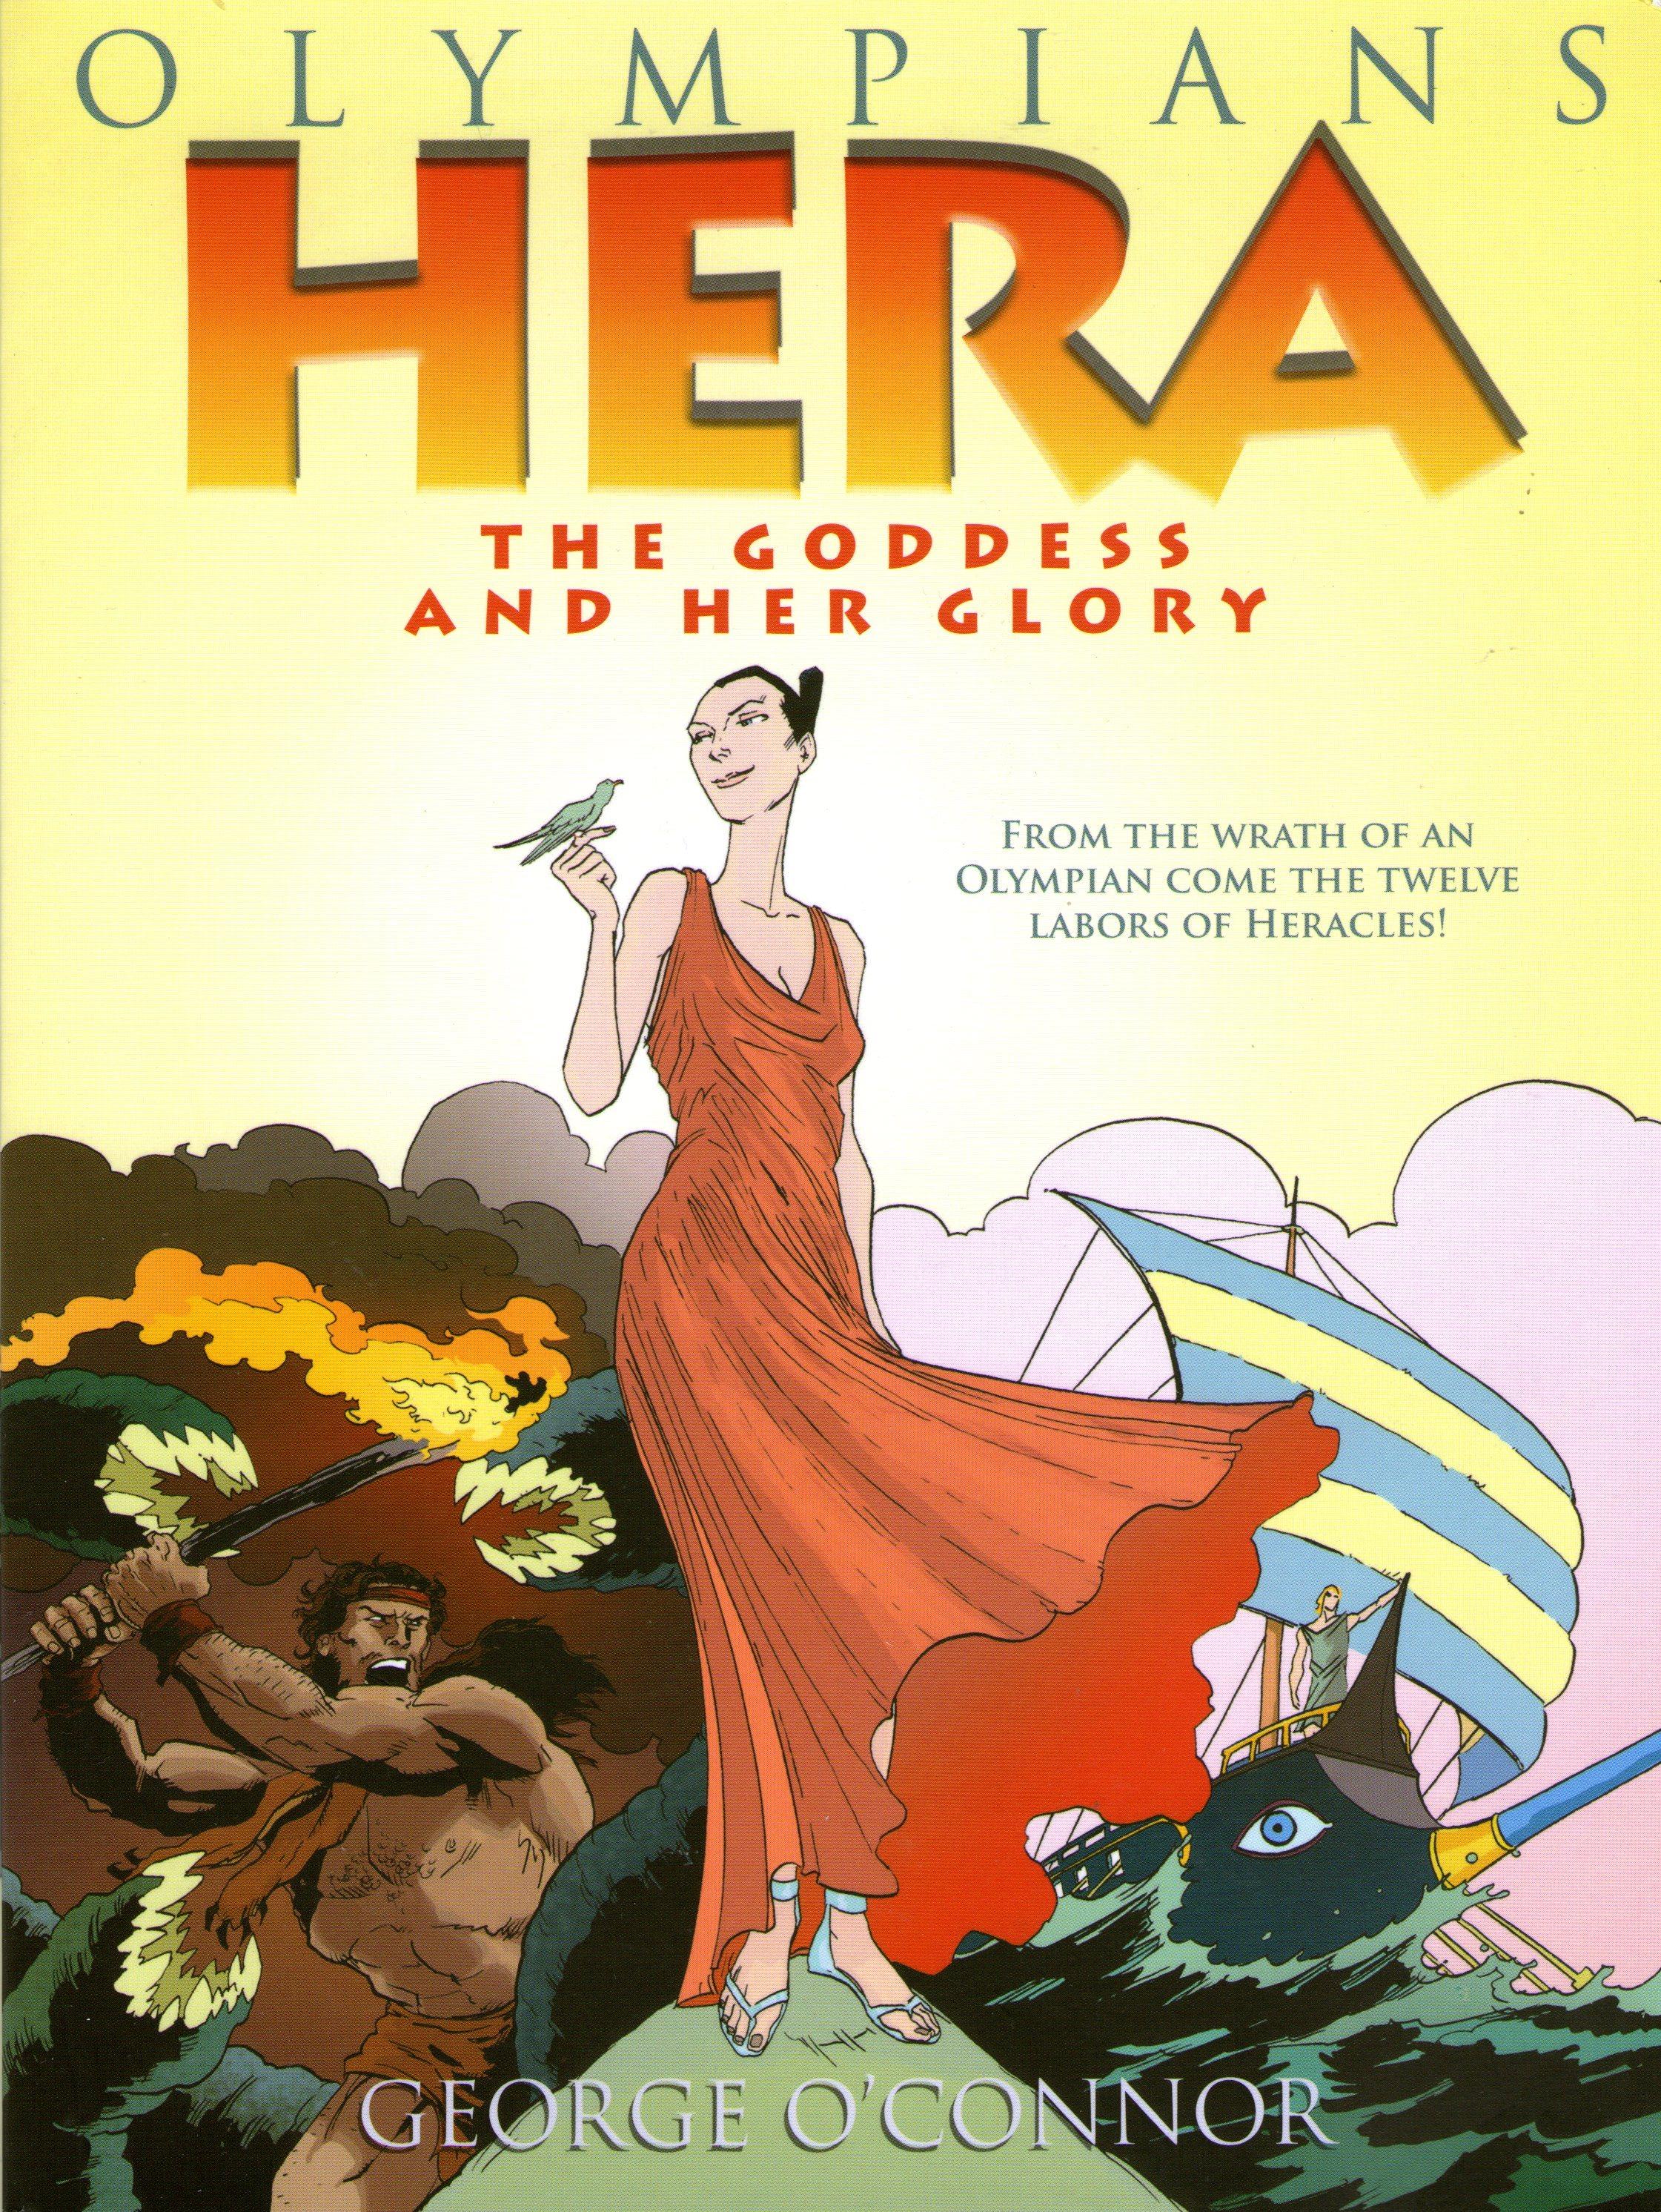 Hera: The Goddess and Her Glory